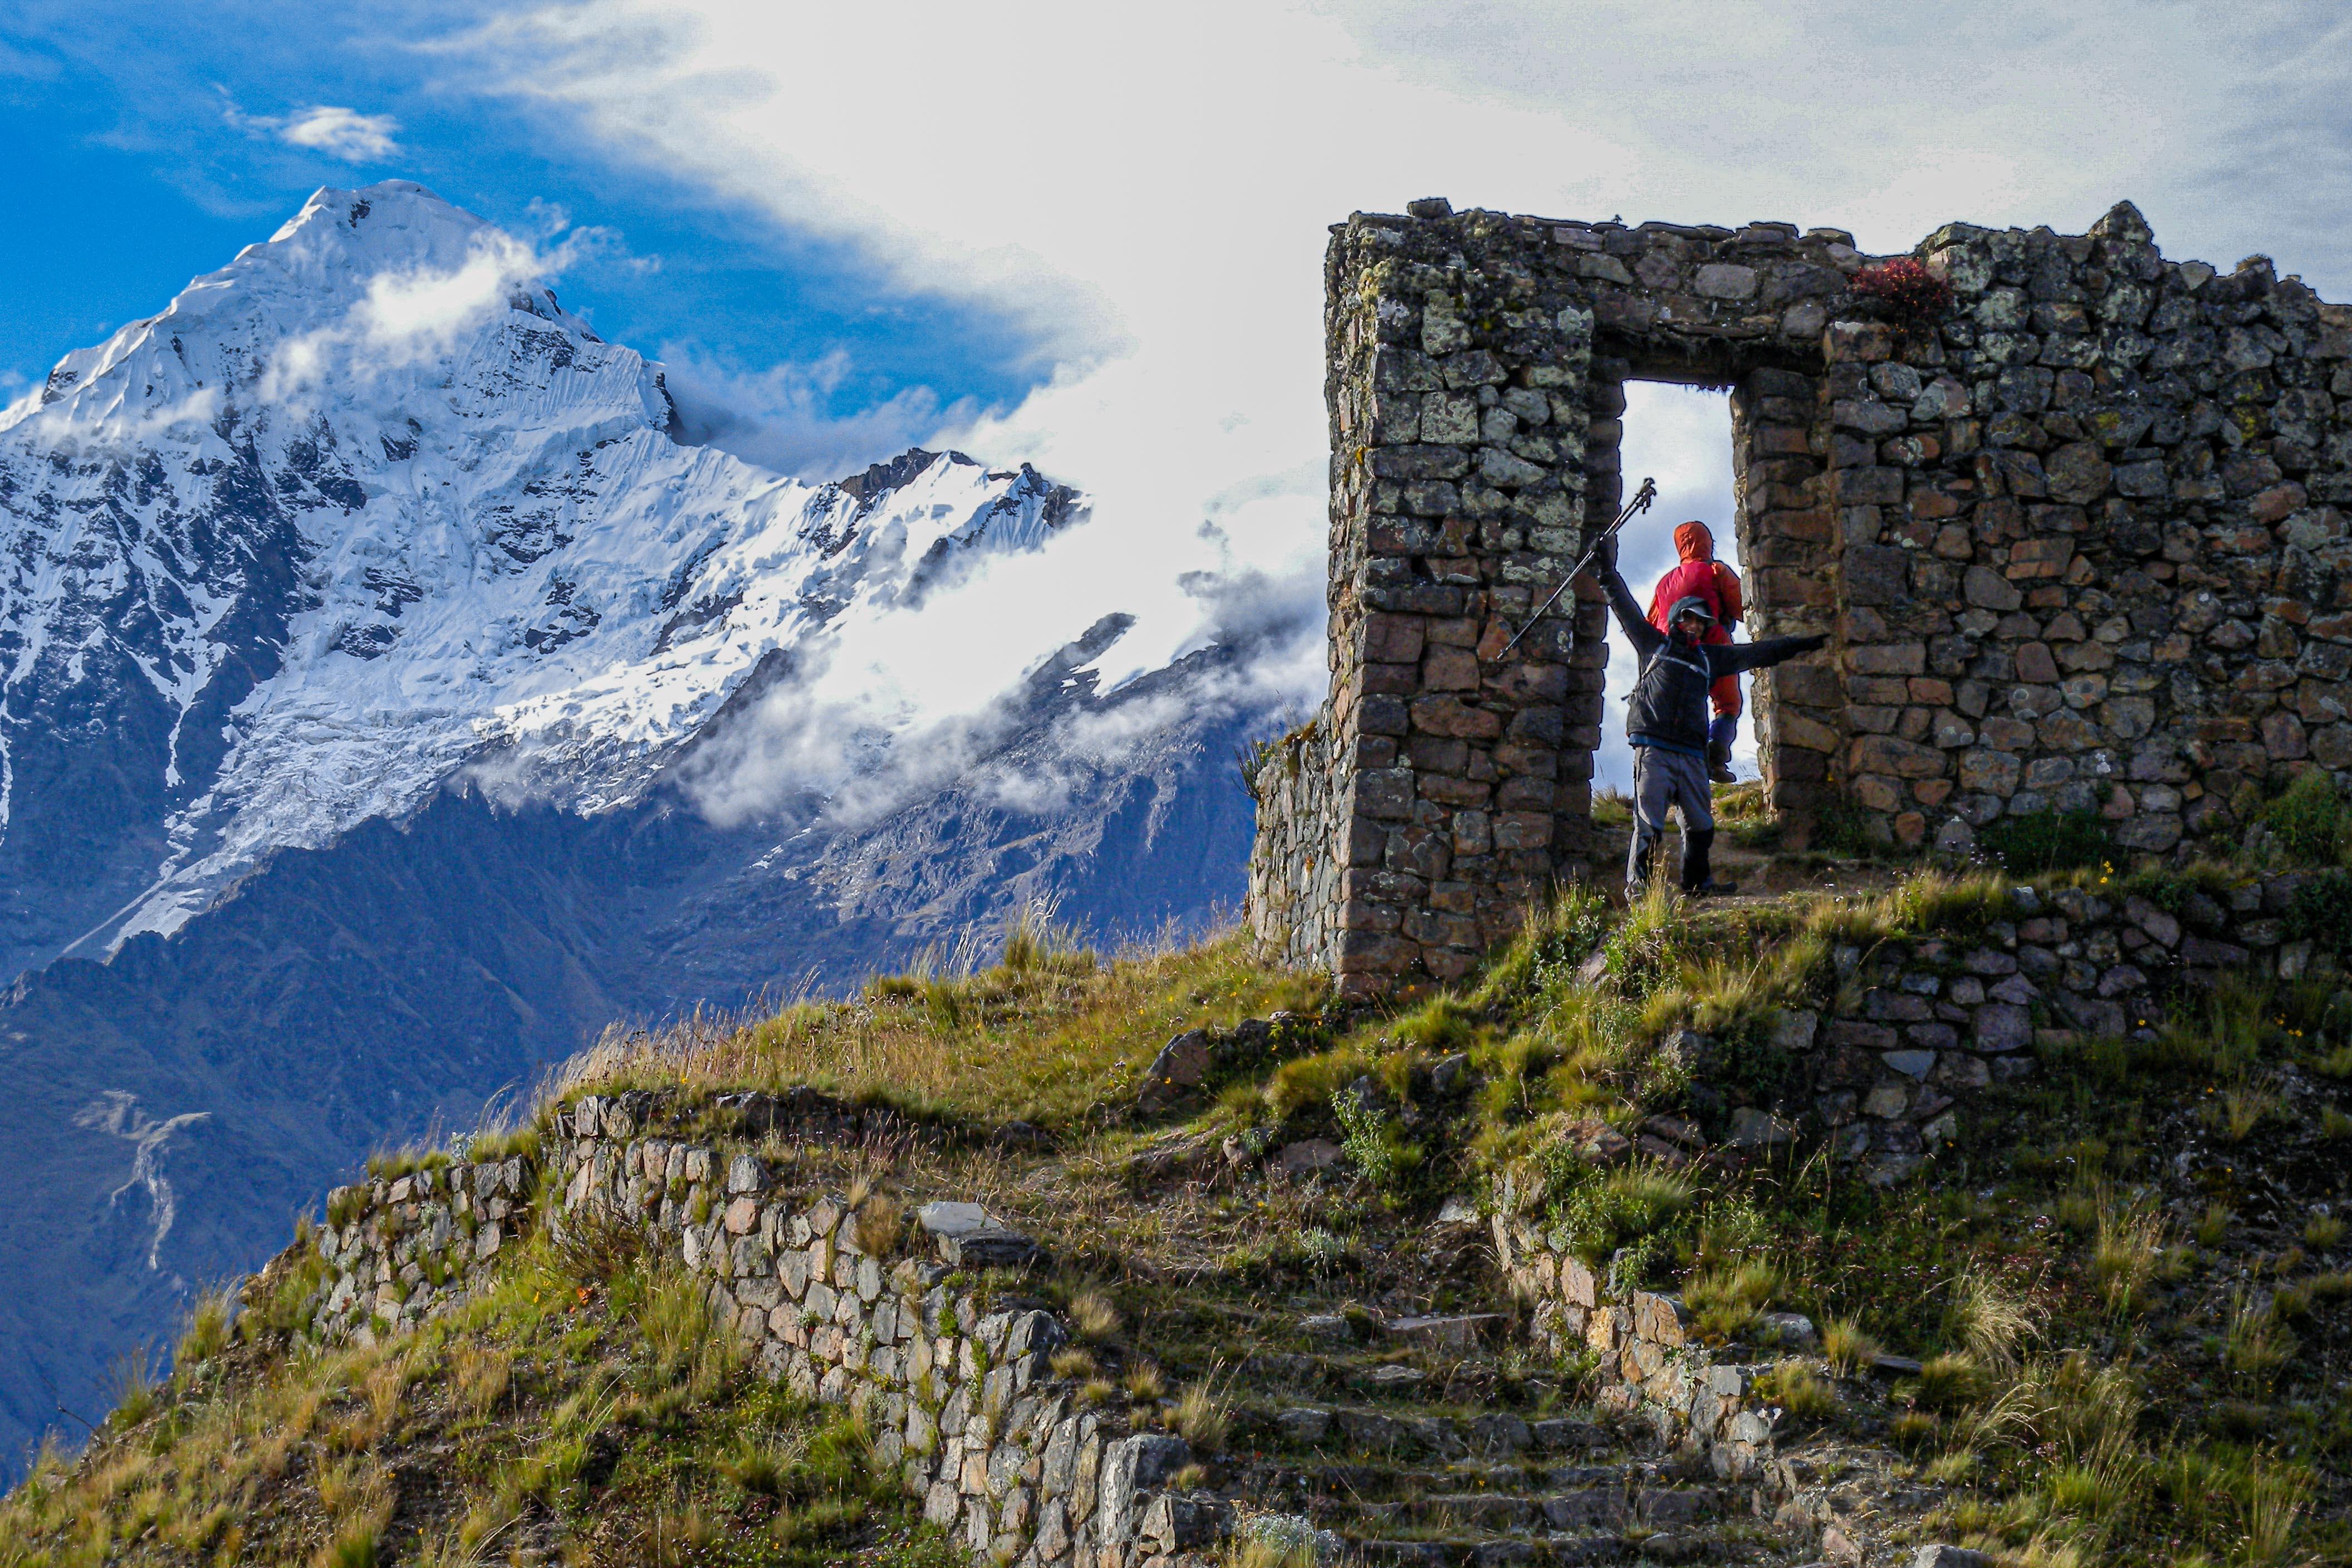 インカの古道トレッキングとマチュピチュ、ナスカの地上絵 12日間